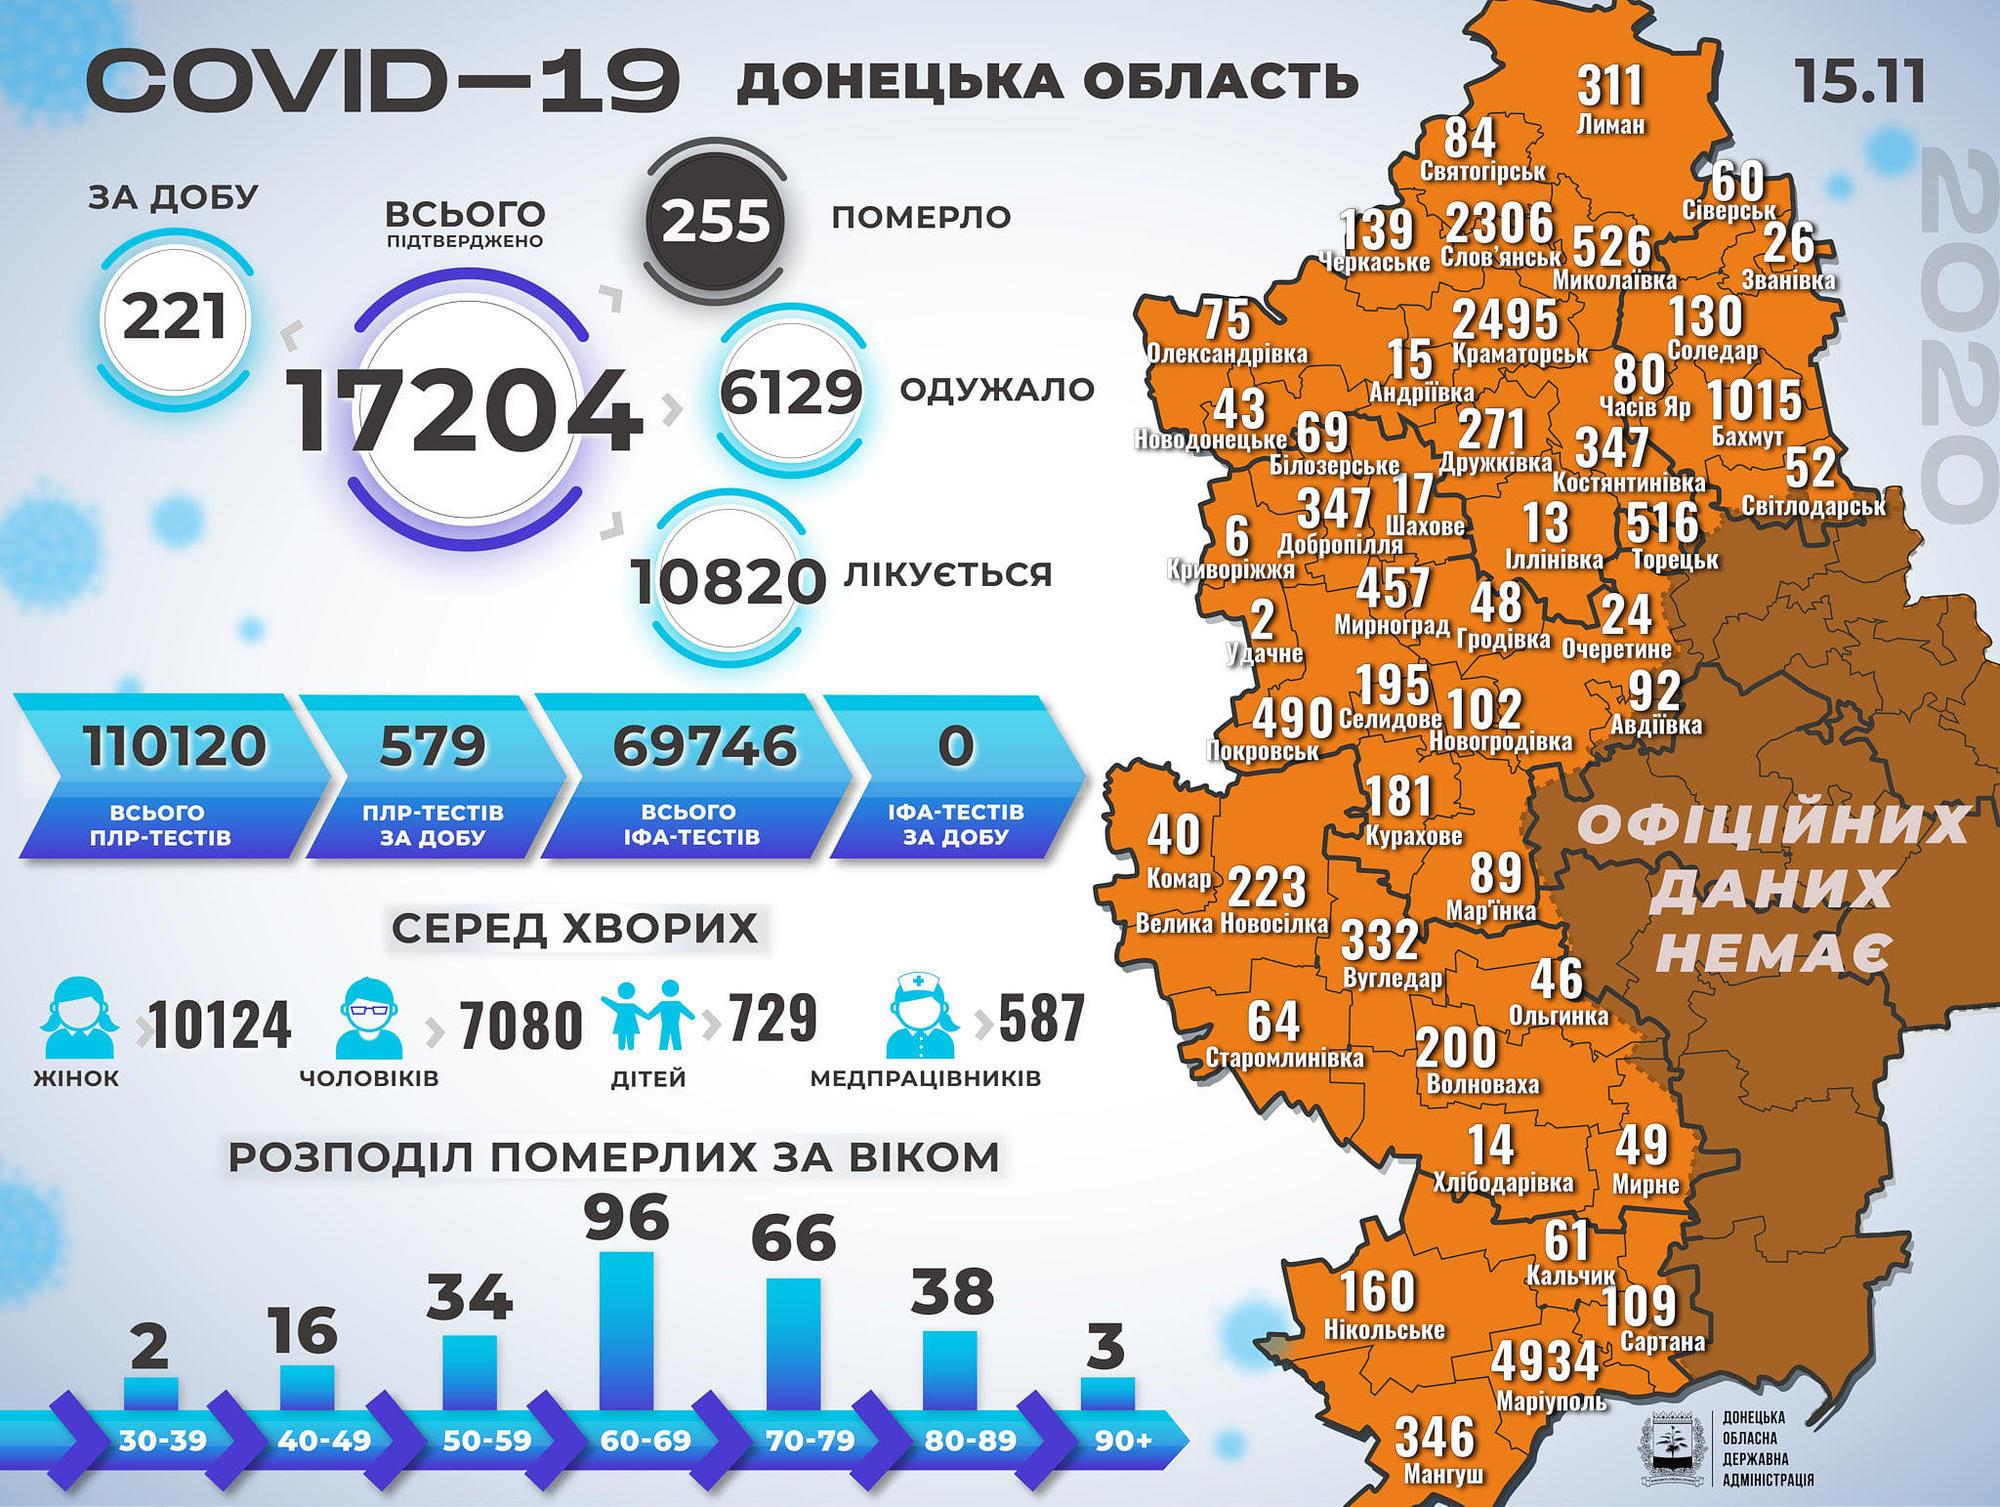 COVID-19 Донецька область статистика на 16 листопада